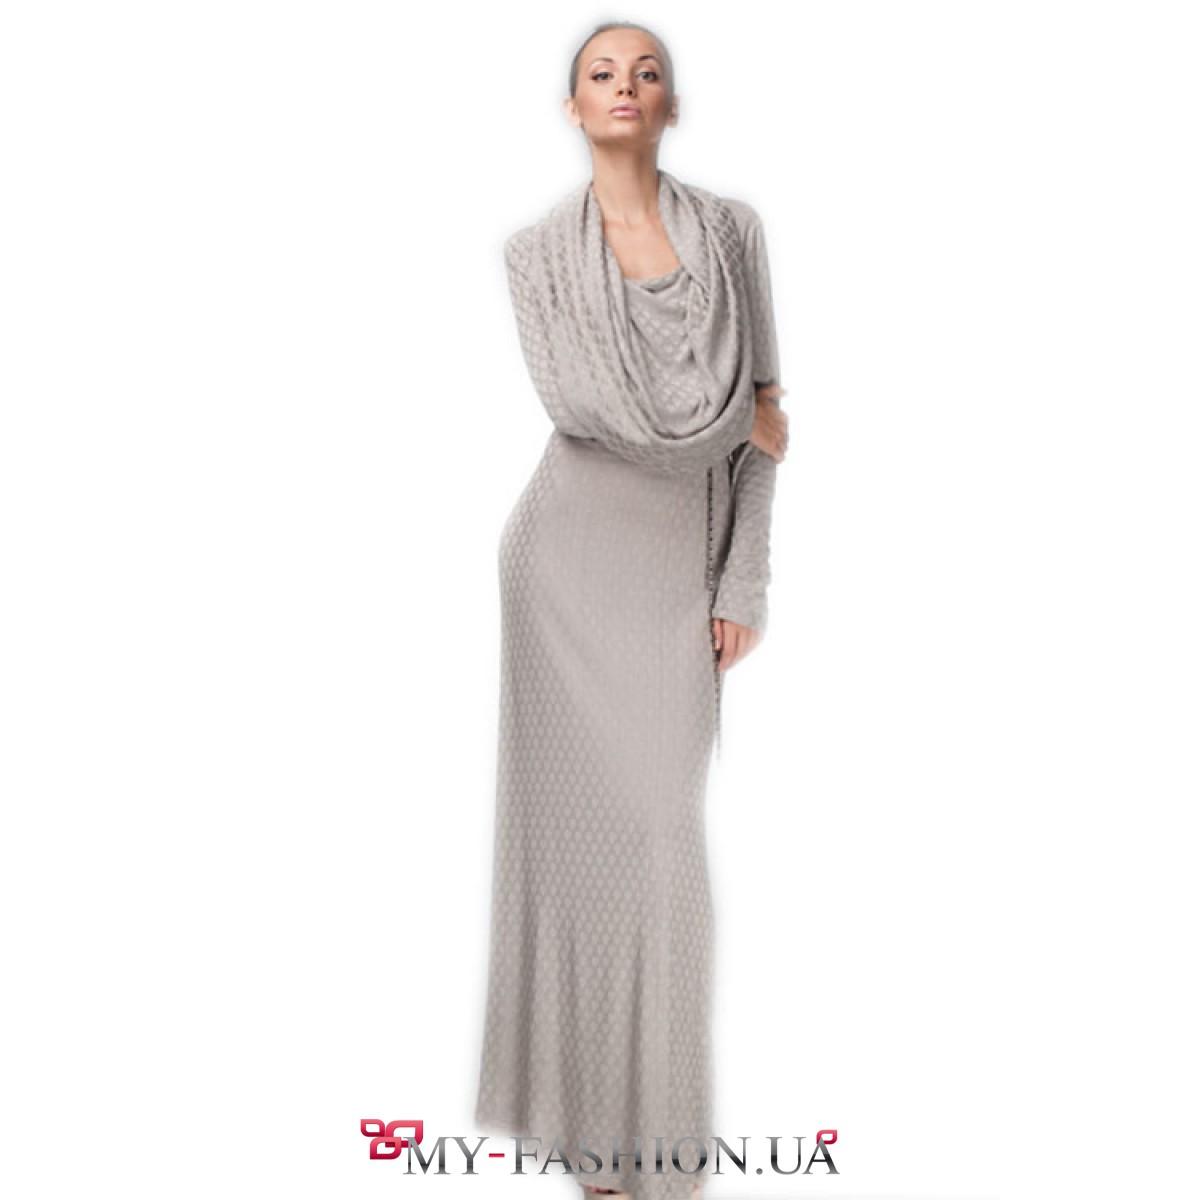 Платье серое длинное купить